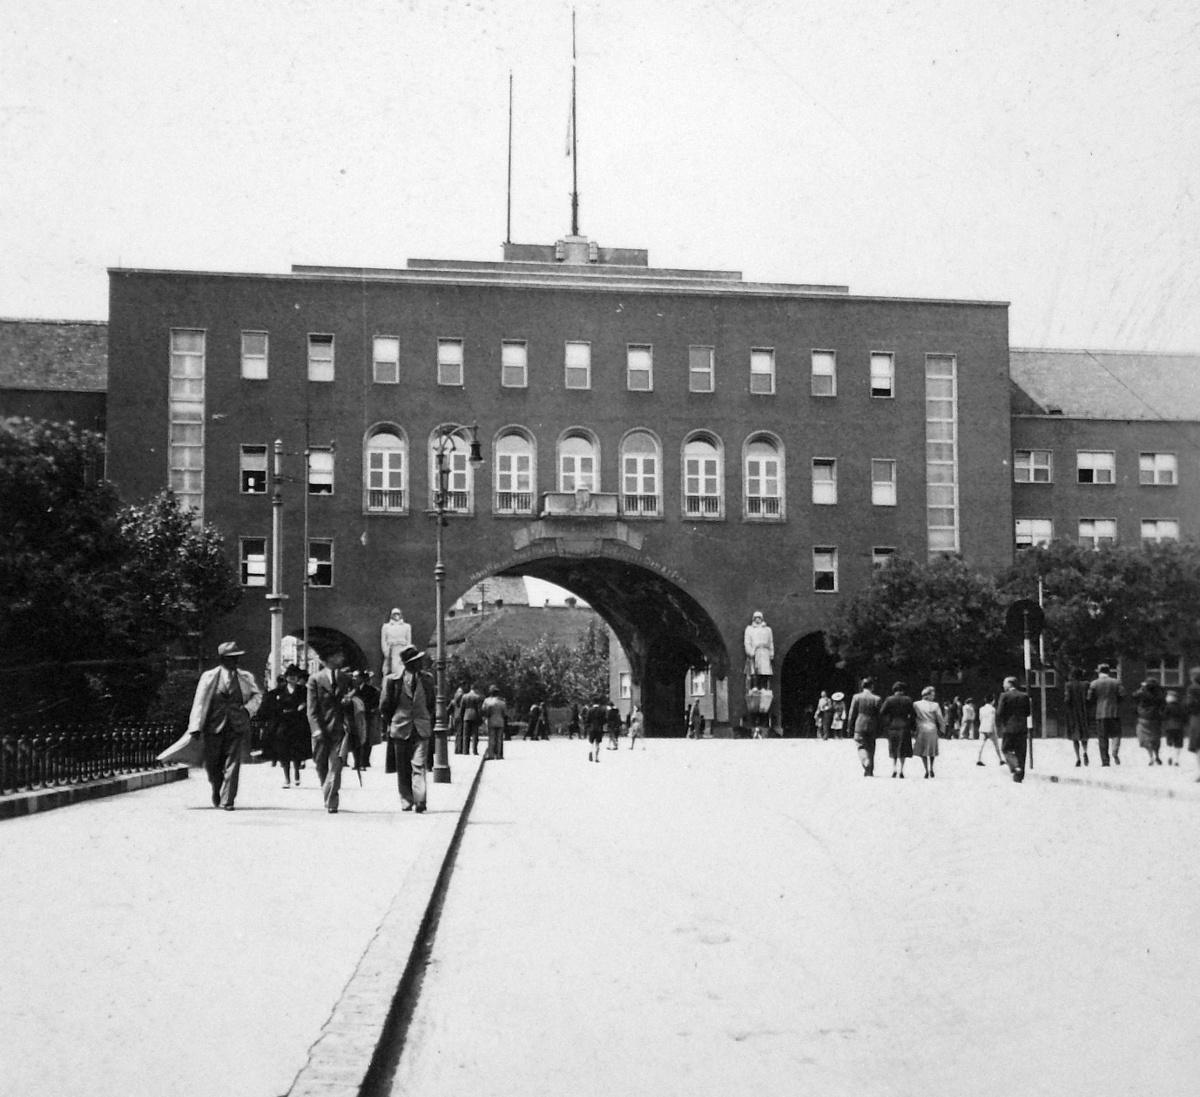 80 éve épült a város leghíresebb kapuja, a Porta Heroum